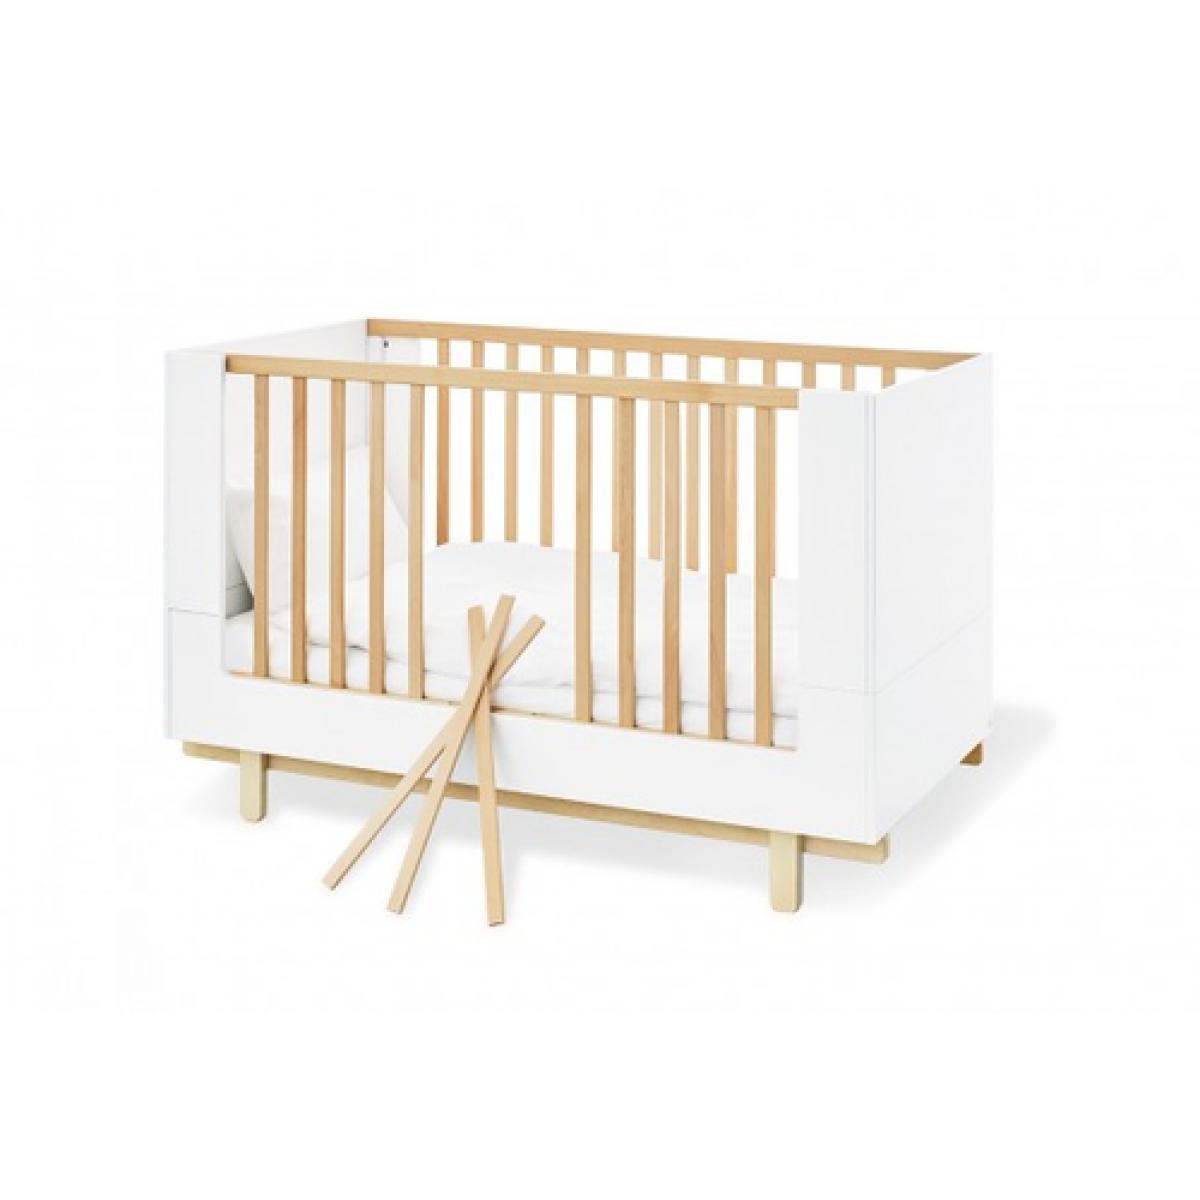 Pinolino Pinolino Chambre de bébé Boks 3 pièces lit de bébé évolutif commode à langer armoire